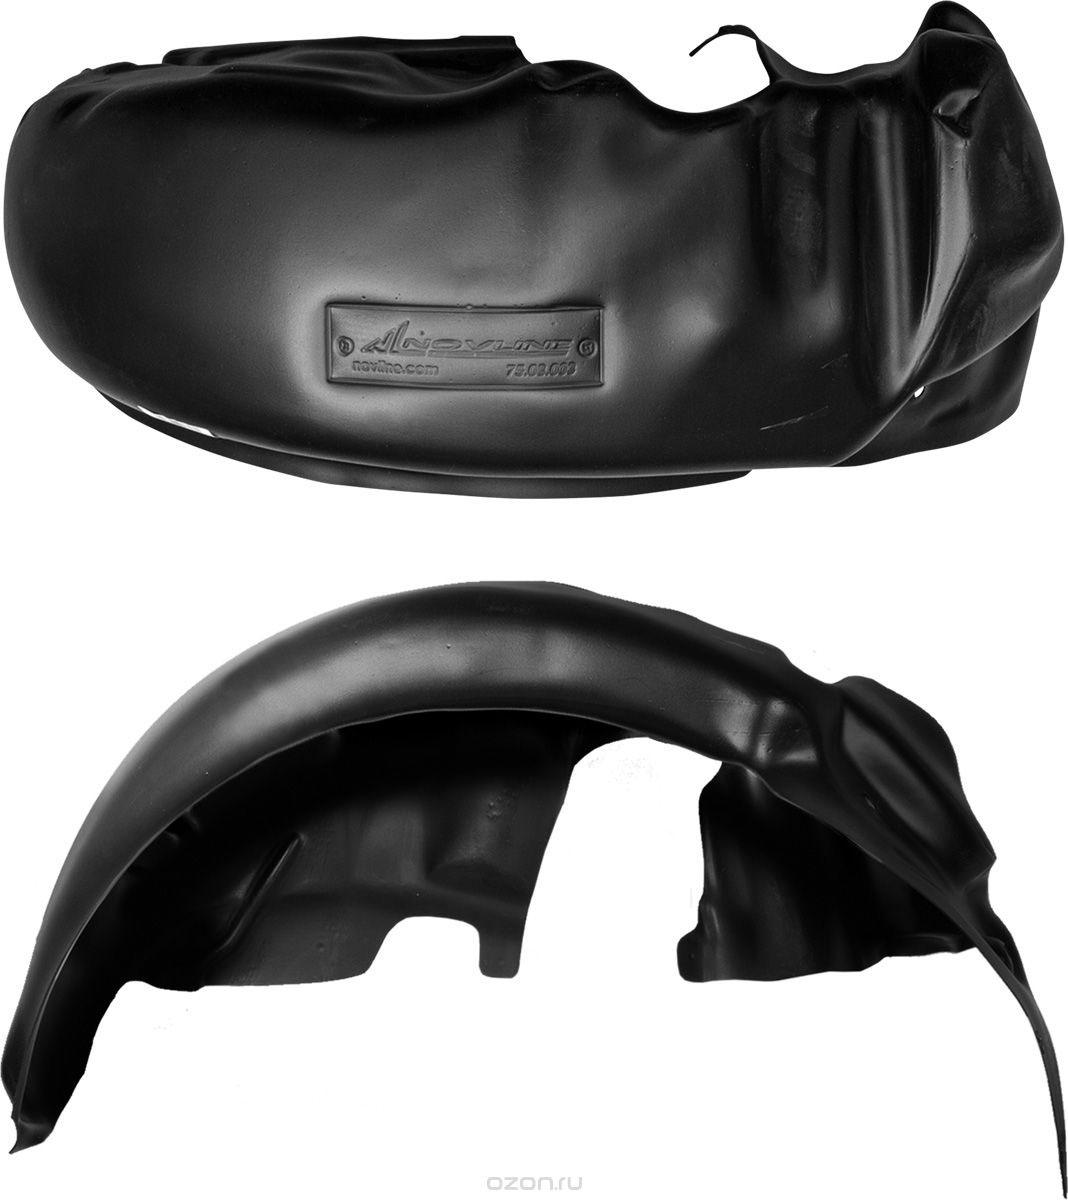 Подкрылок Novline-Autofamily, для GREAT WALL Hover H6,2013->, задний правыйNLL.59.11.004Идеальная защита колесной ниши. Локеры разработаны с применением цифровых технологий, гарантируют максимальную повторяемость поверхности арки. Изделия устанавливаются без нарушения лакокрасочного покрытия автомобиля, каждый подкрылок комплектуется крепежом. Уважаемые клиенты, обращаем ваше внимание, что фотографии на подкрылки универсальные и не отражают реальную форму изделия. При этом само изделие идет точно под размер указанного автомобиля.